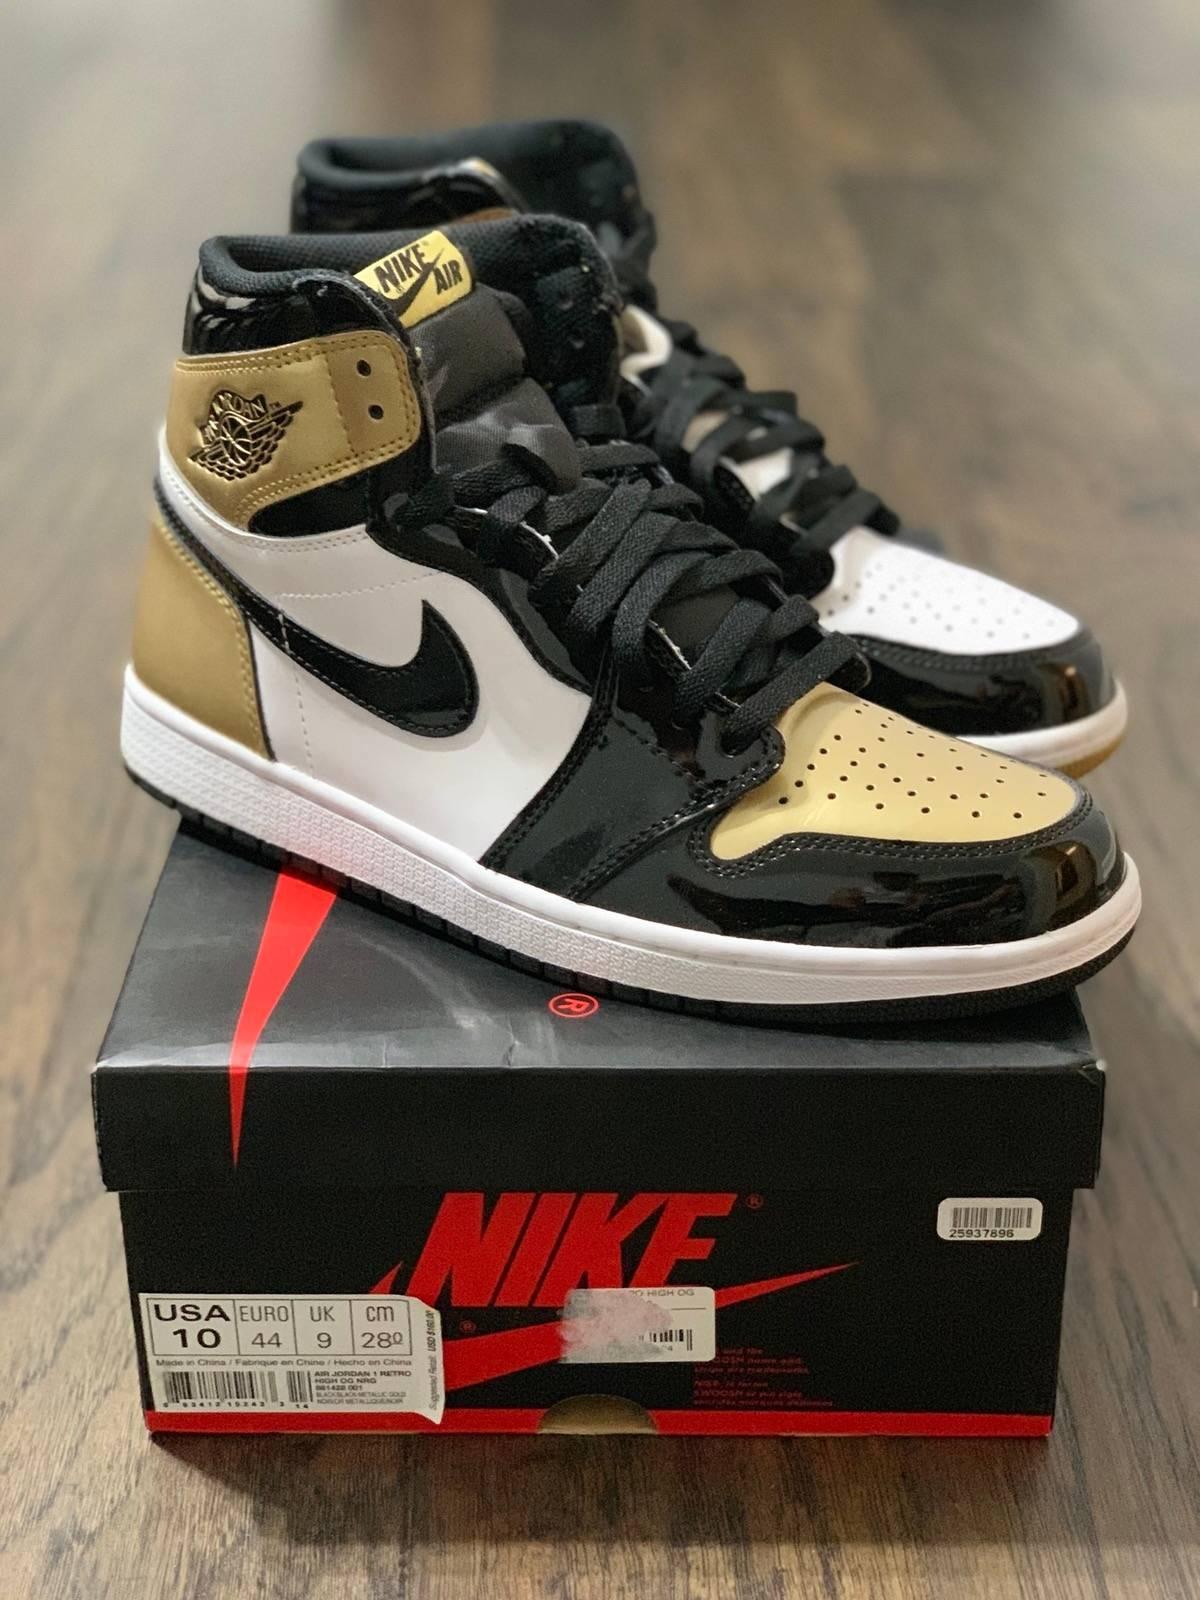 reputable site b93ea d65d3 Jordan Brand × Nike Nike Air Jordan 1 Retro High Nrg Top 3 Gold Toe — Size  10 Size 10 $375